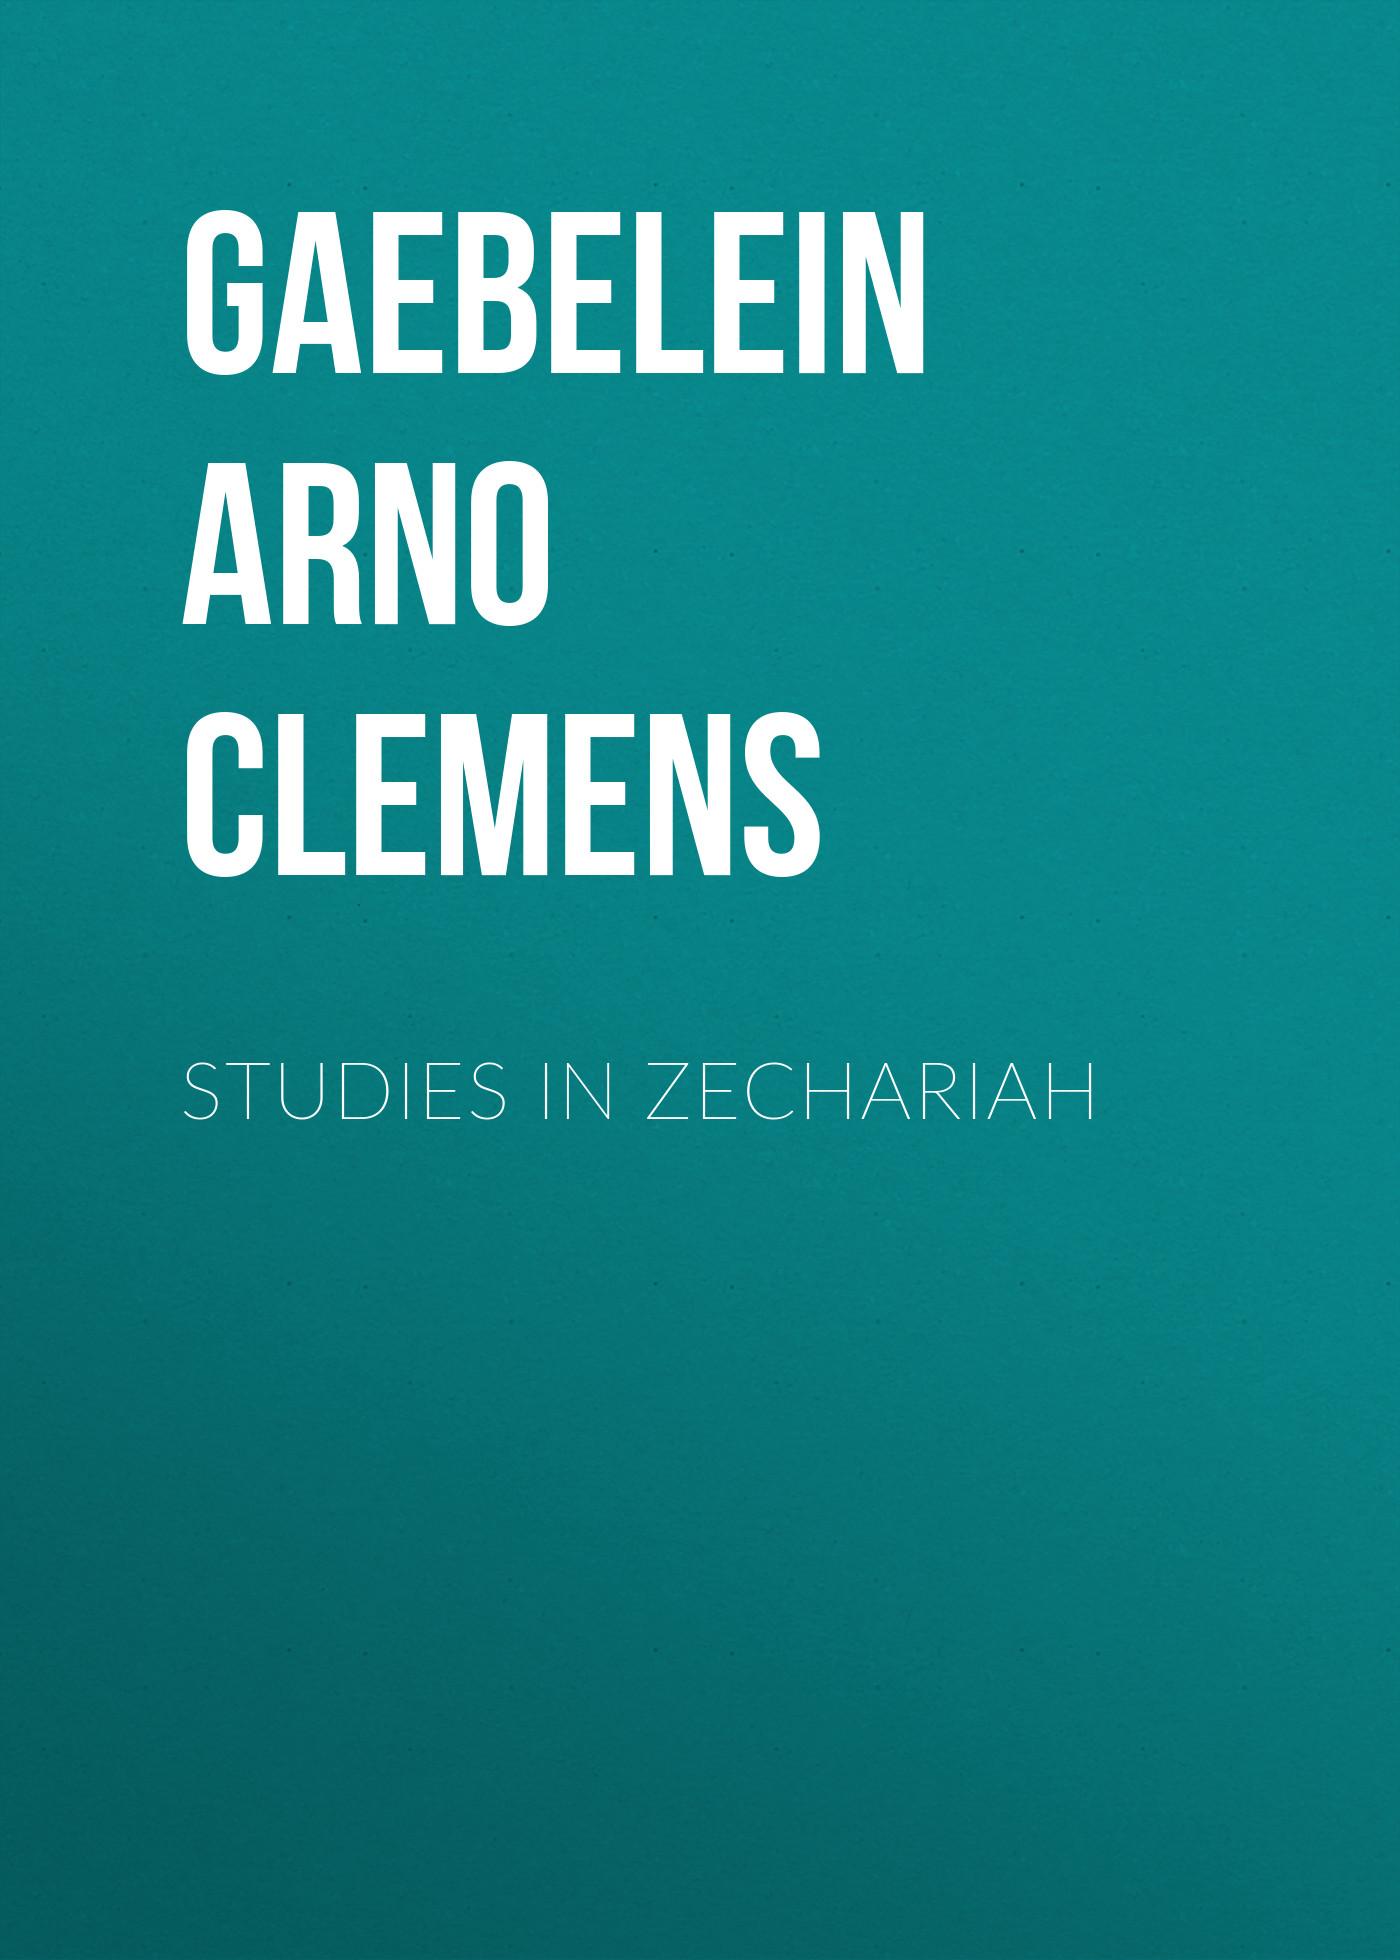 Gaebelein Arno Clemens Studies in Zechariah